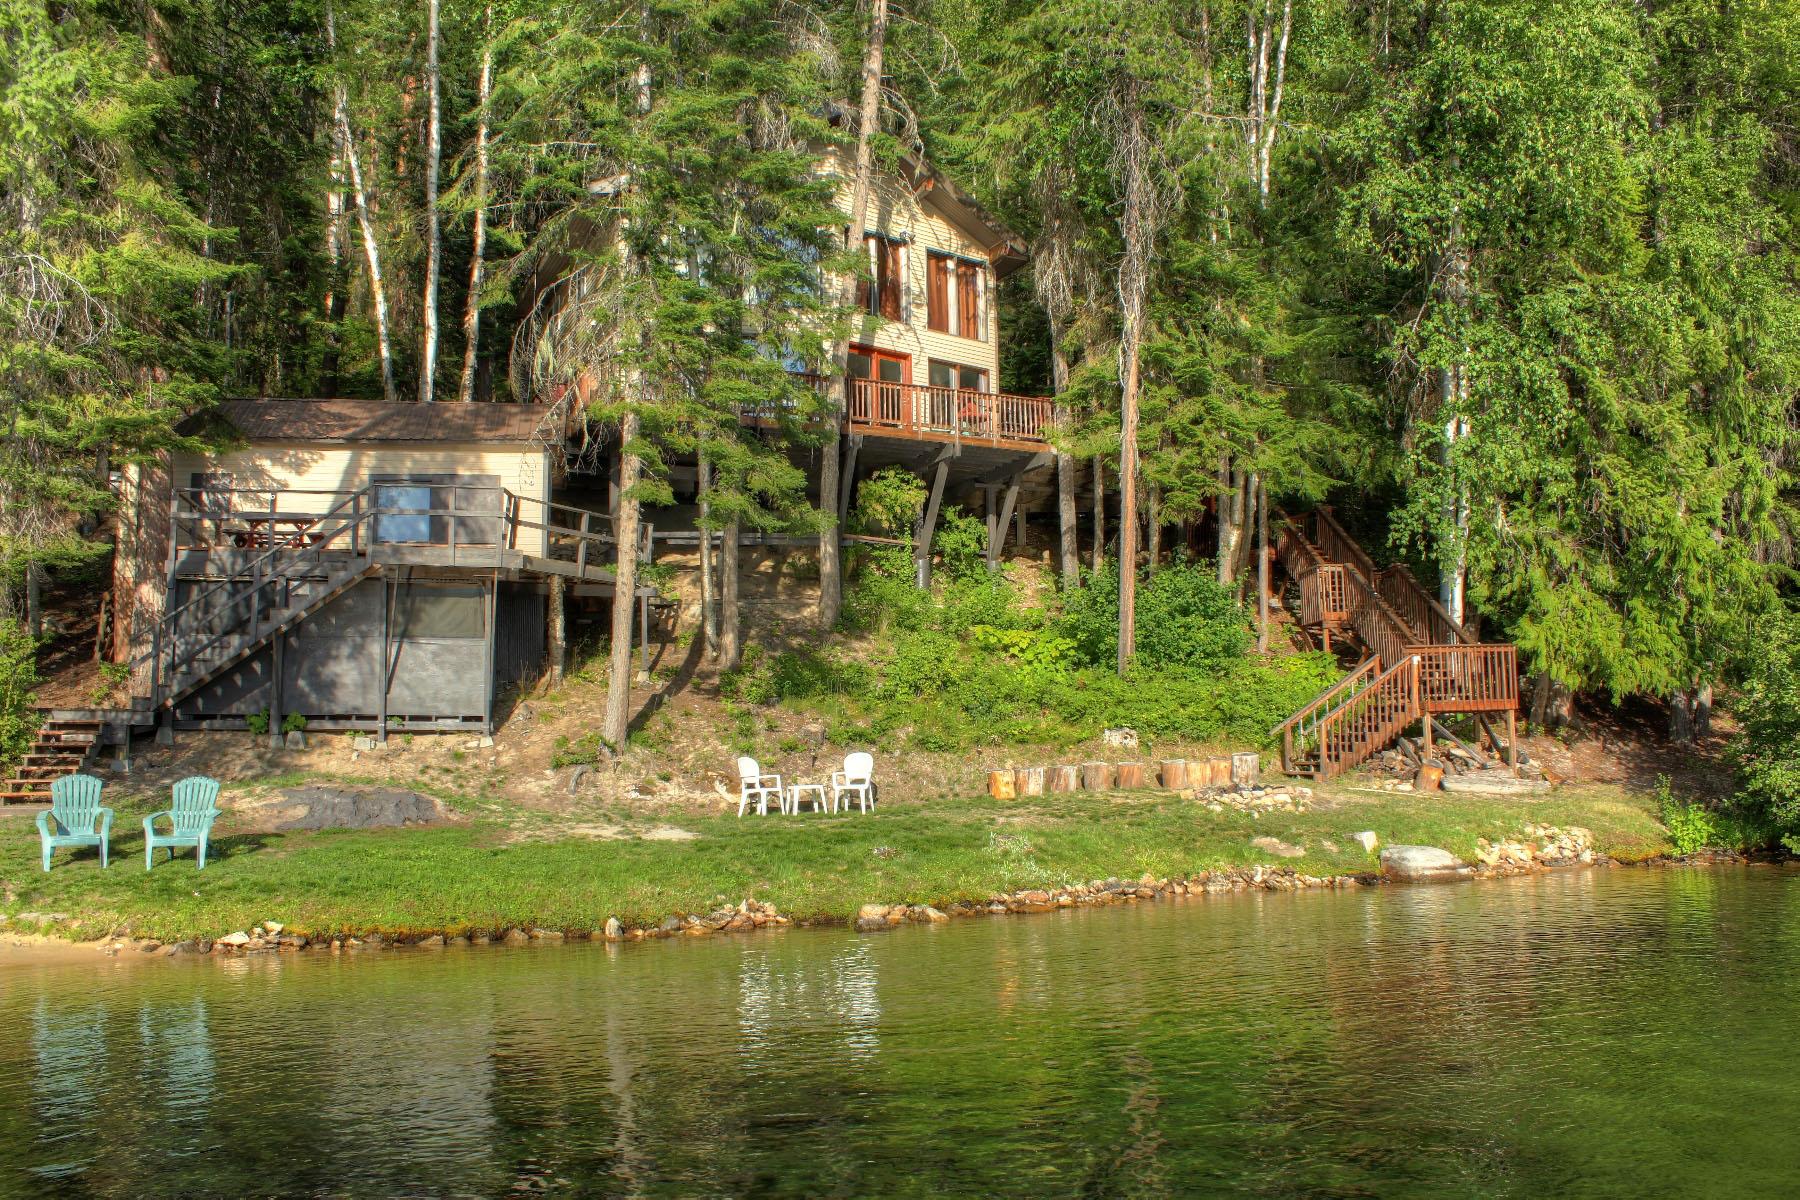 Villa per Vendita alle ore Waterfront home located in beautiful Cavanaugh Bay 308 E Cavanaugh Bay Rd Coolin, Idaho, 83821 Stati Uniti